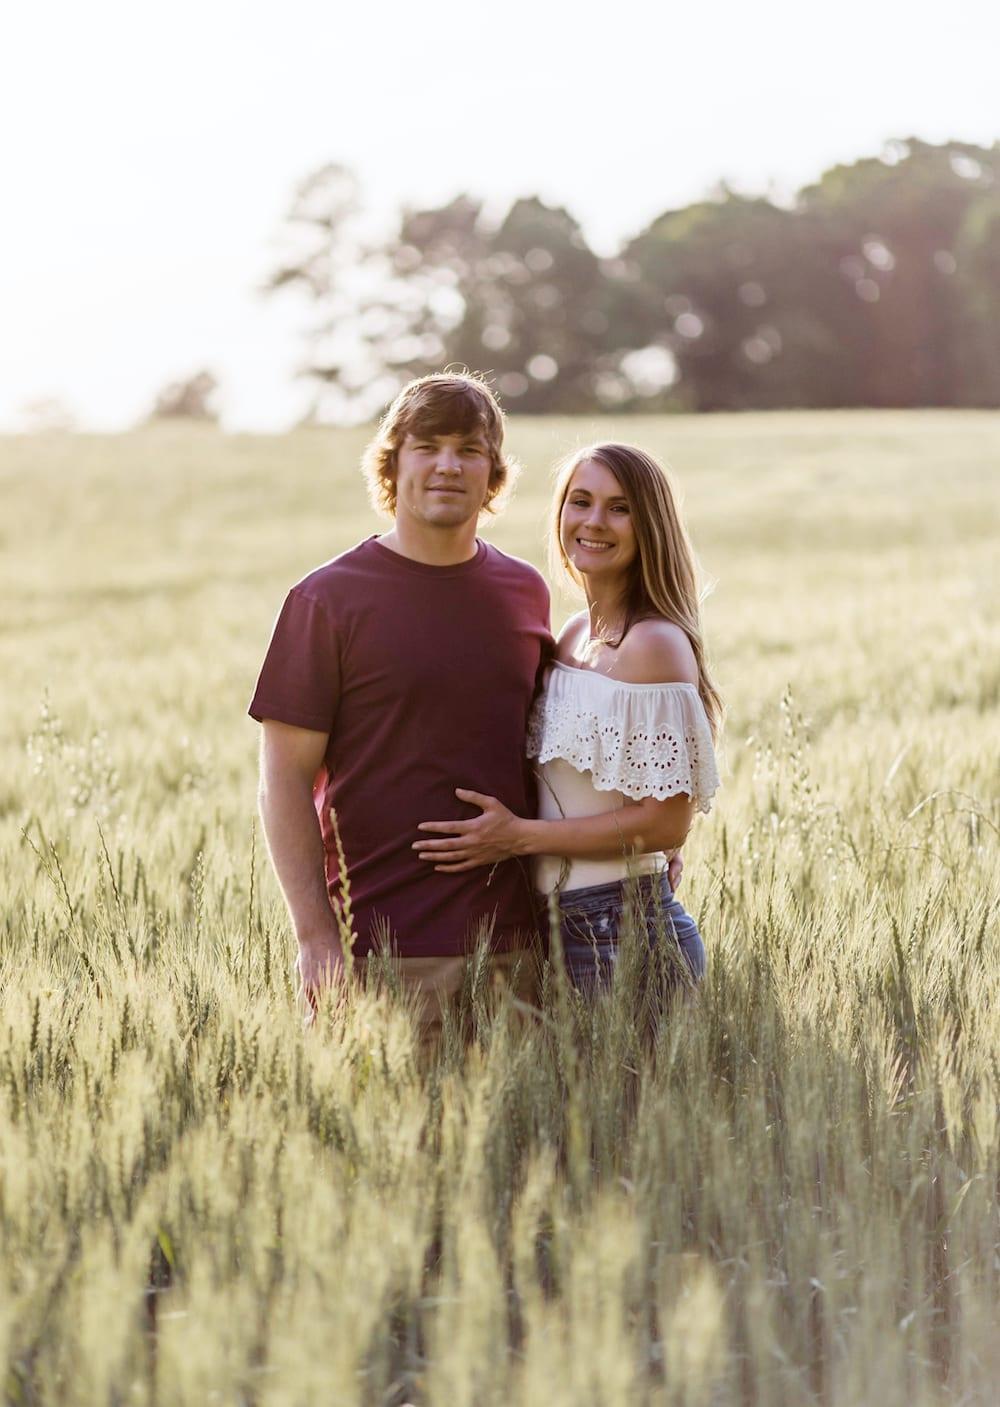 Trey Andrews and Lauren Gunter